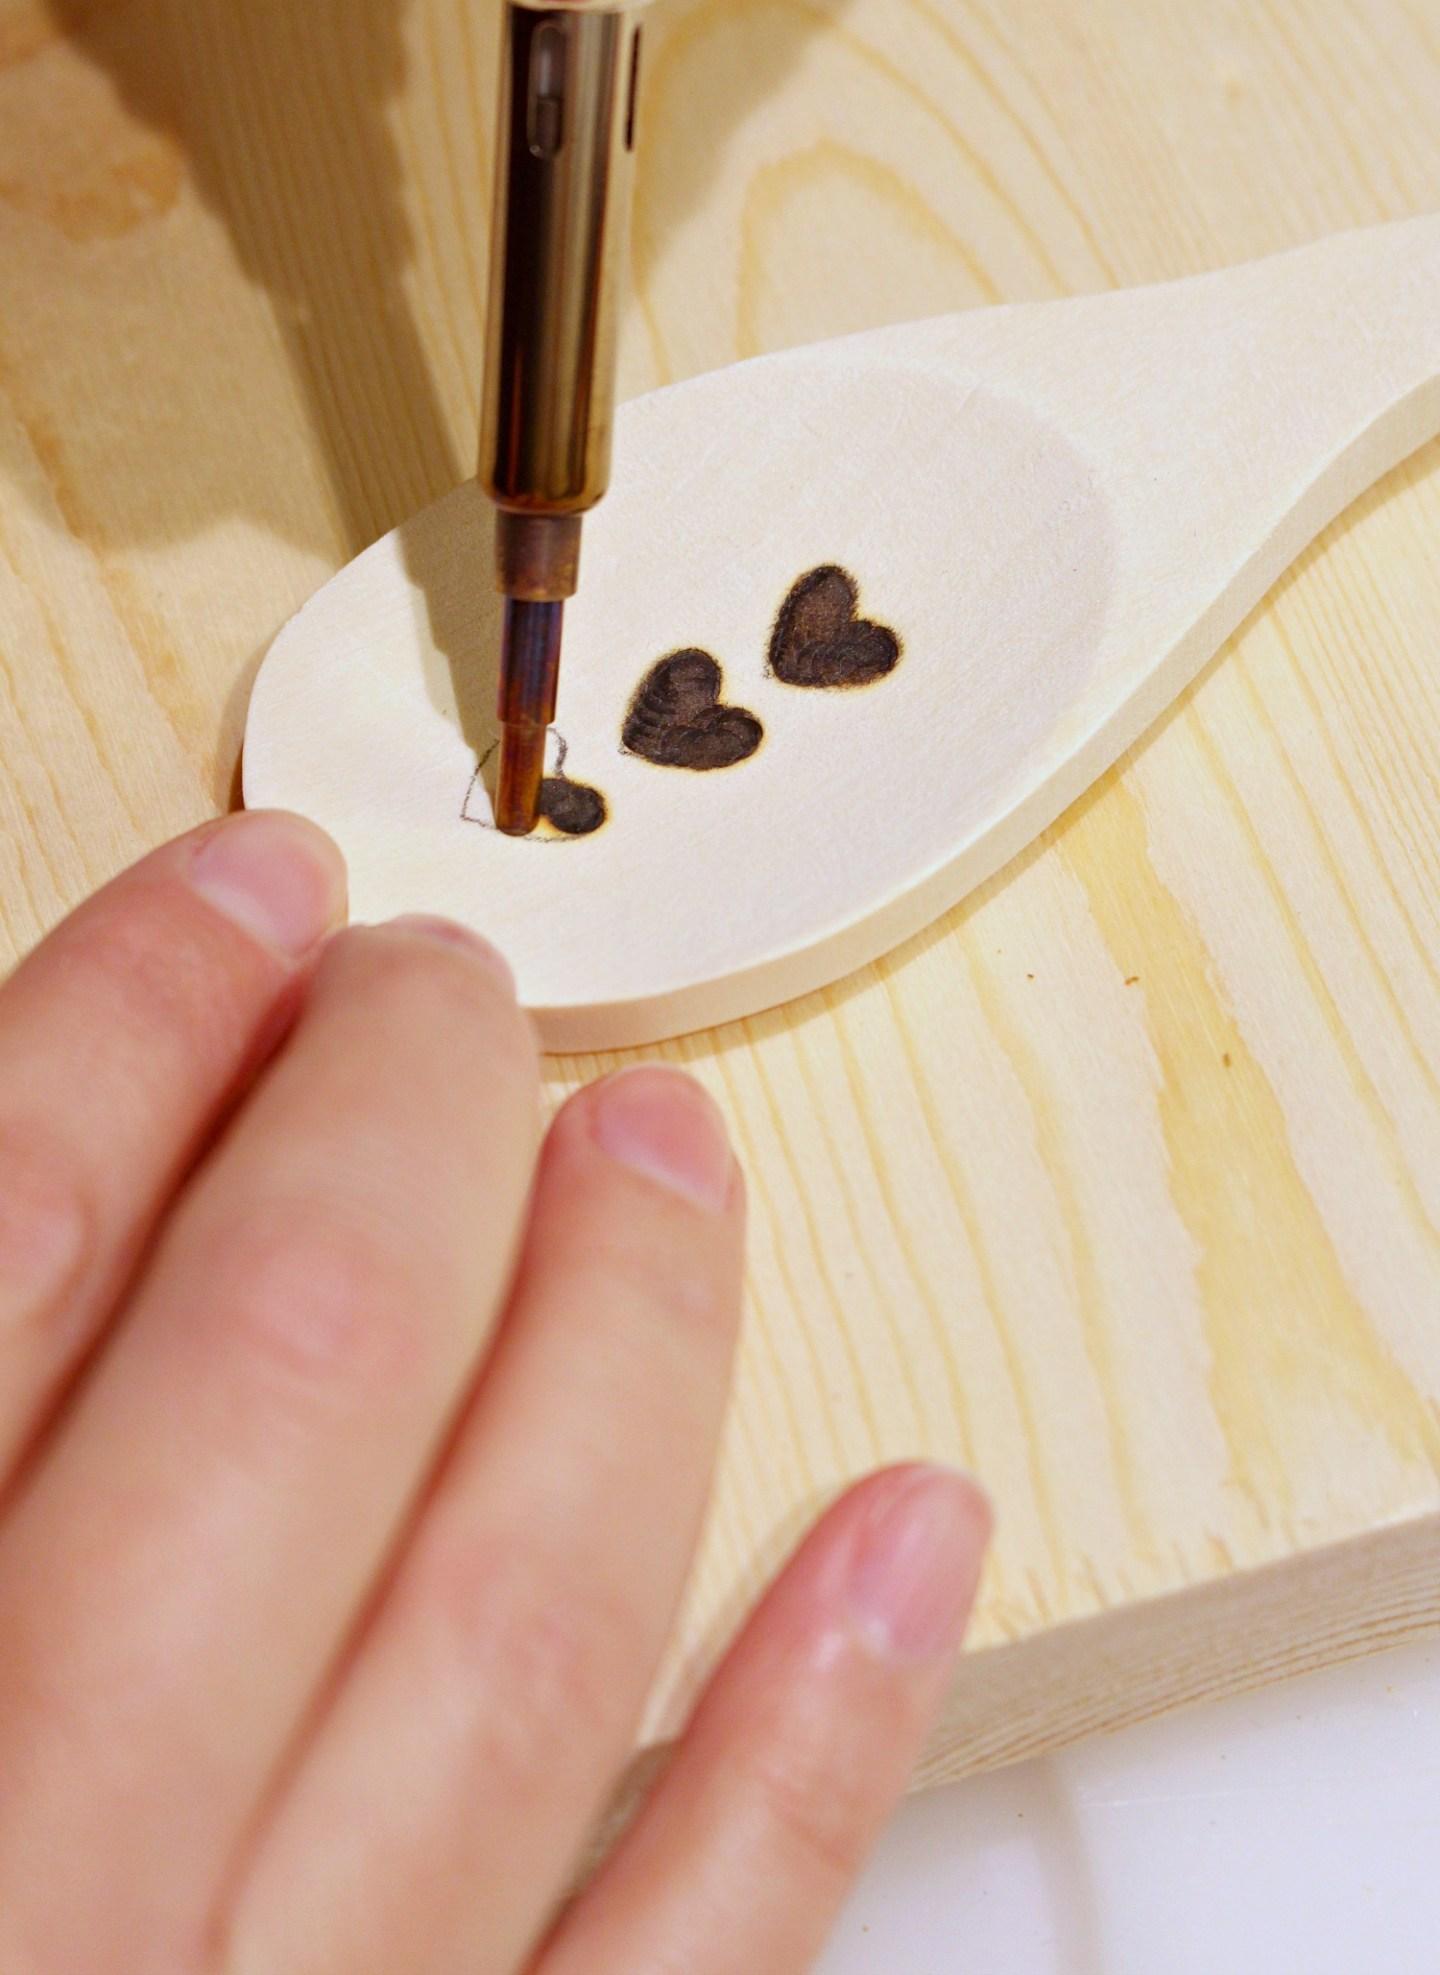 DIY Wood Burned Spoon Tutorial